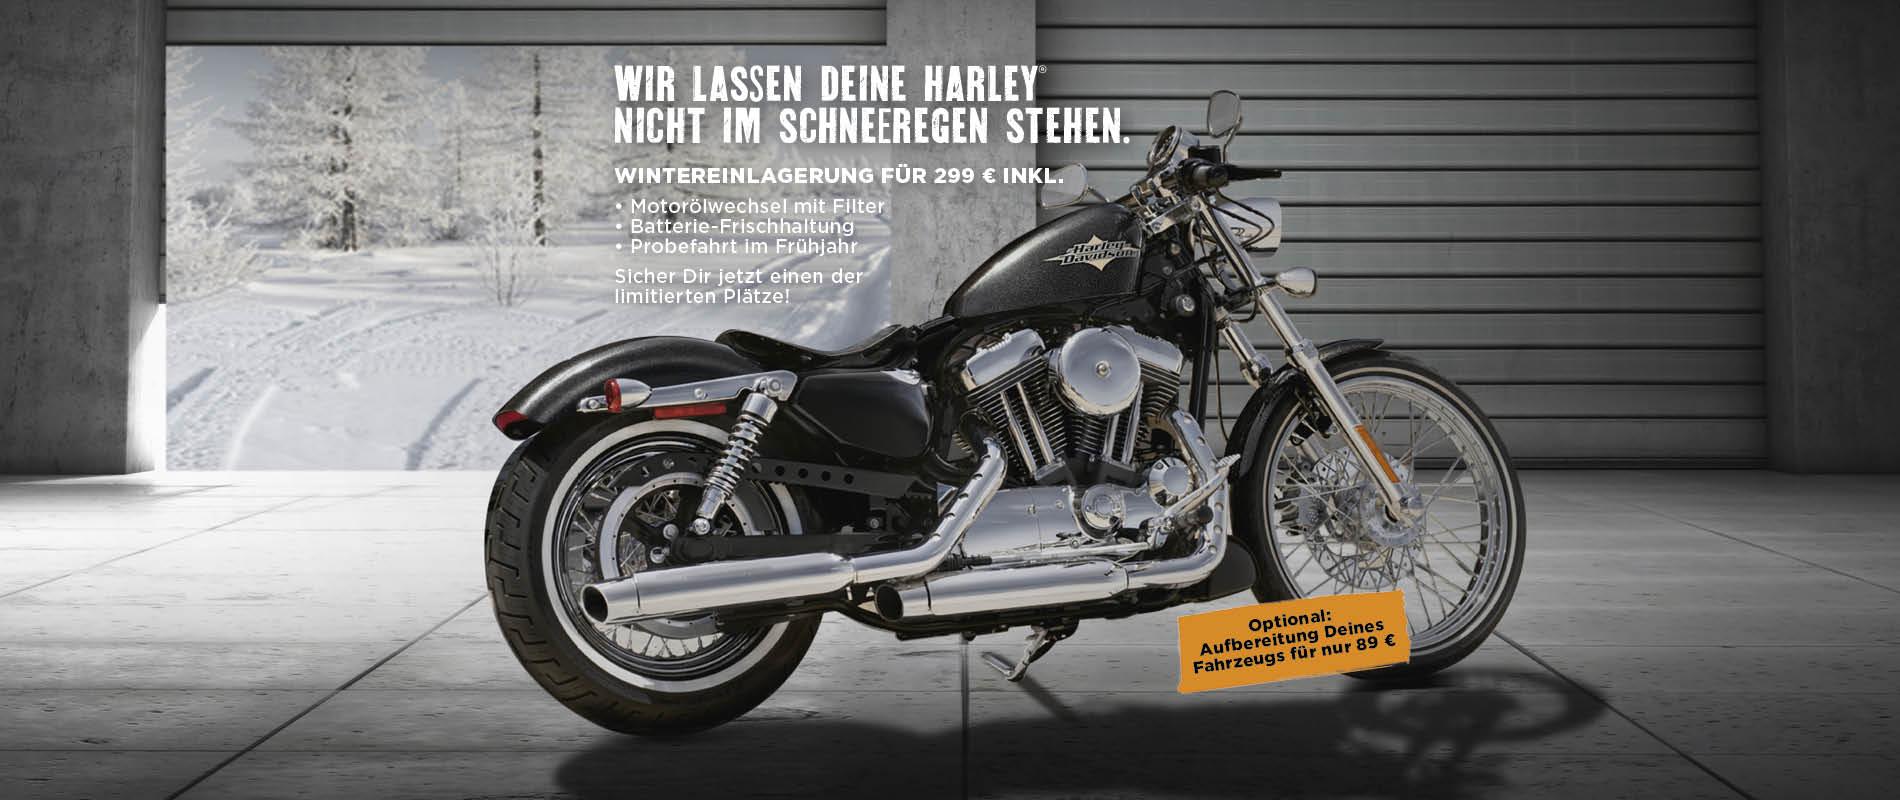 HD_Schwarzach_Billboard_Wintereinlagerung